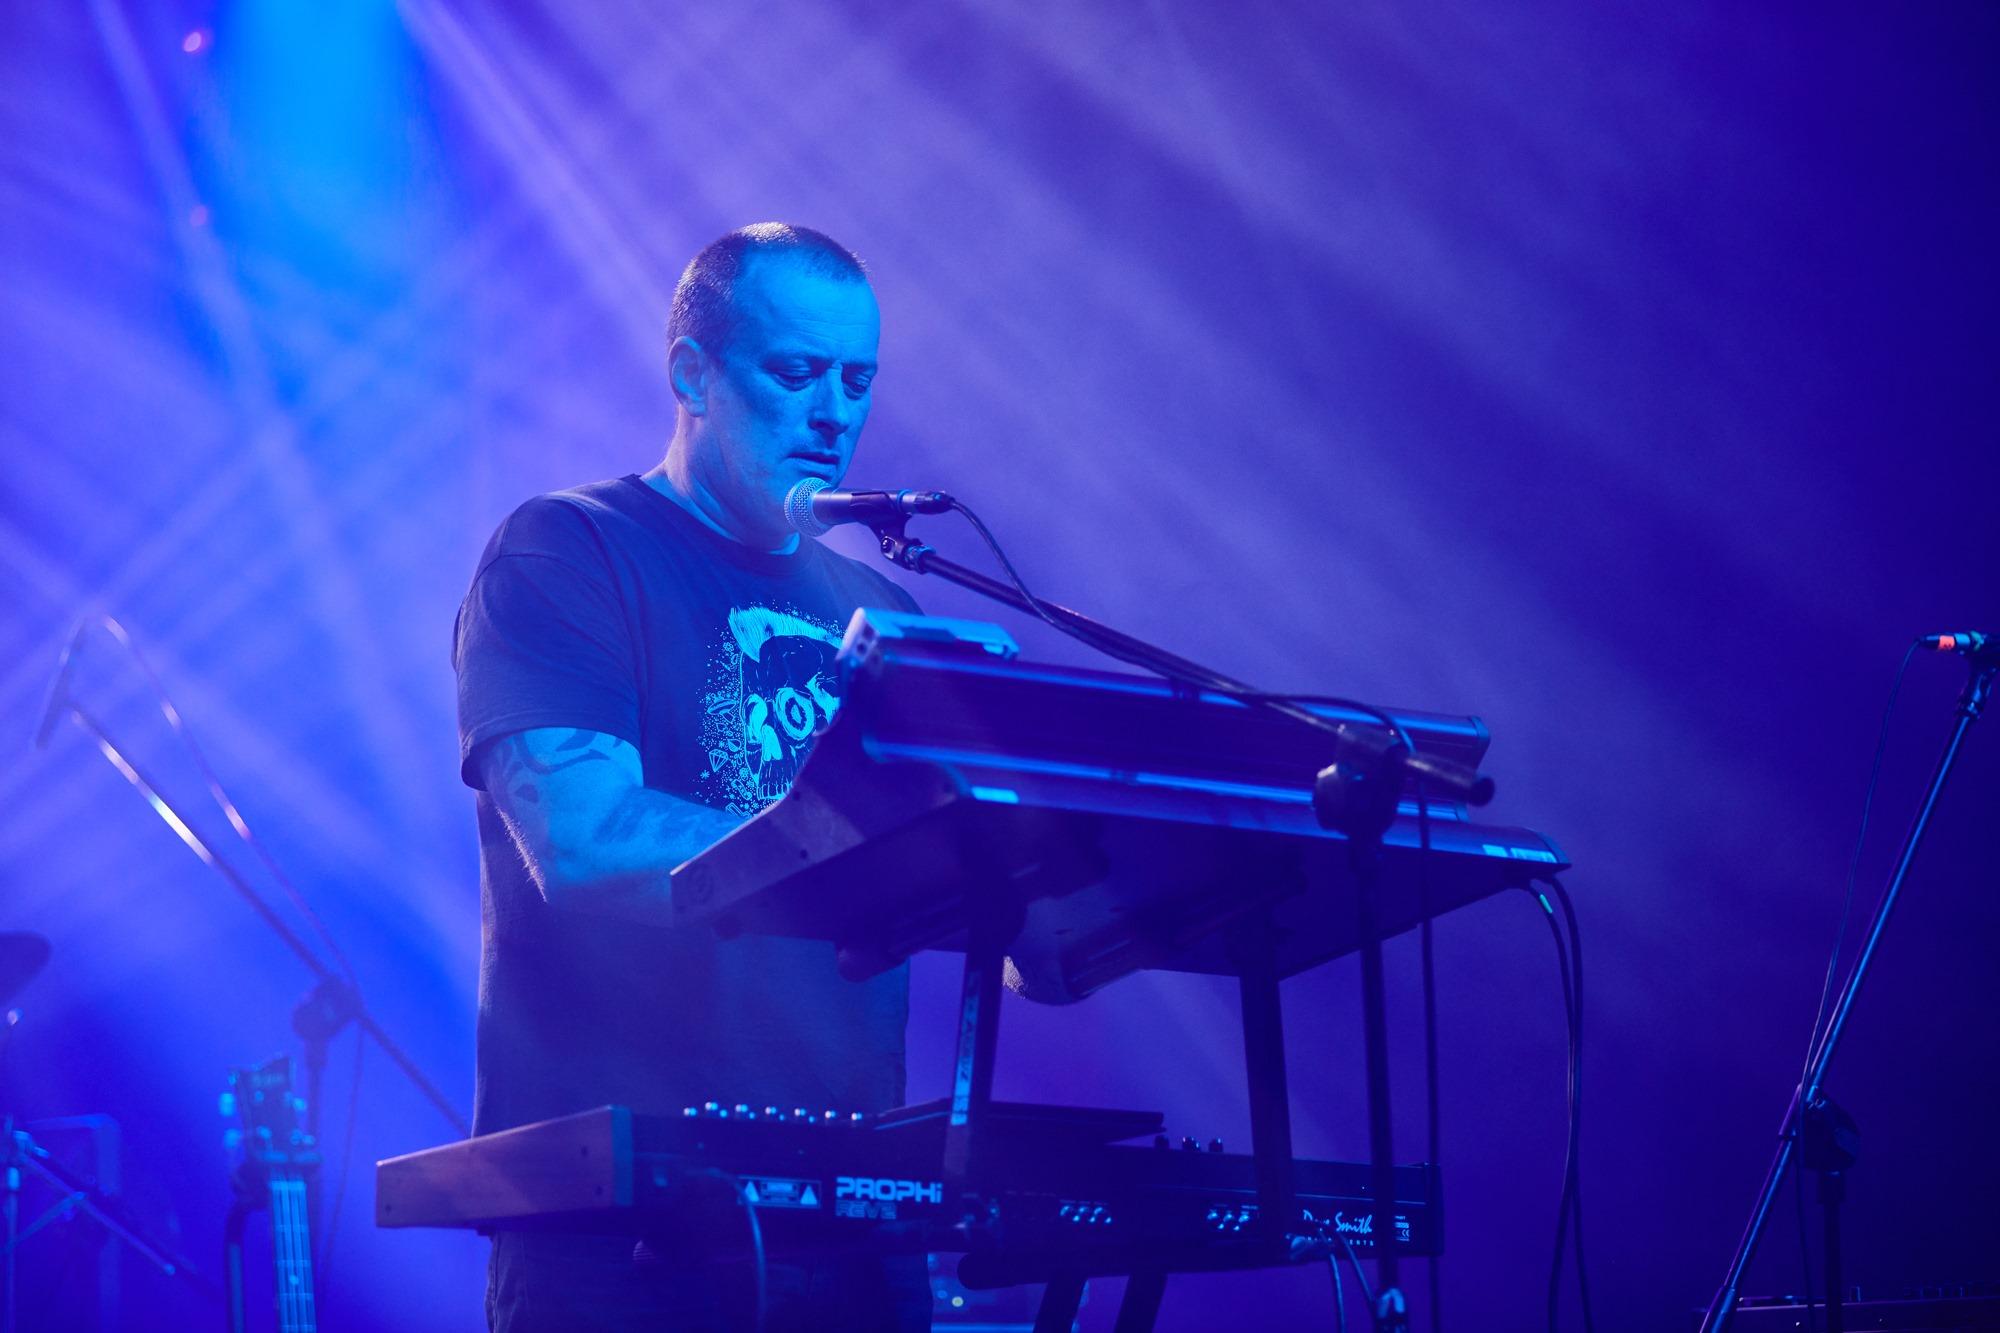 [Zdjęcie z koncertu zespołu MU. Na zdjęciu lider zespołu Tymon Tymański. Na tle niebieskiego oświetlenia stoi mężczyzna przy mikrofonie, grający na keyboardzie.]